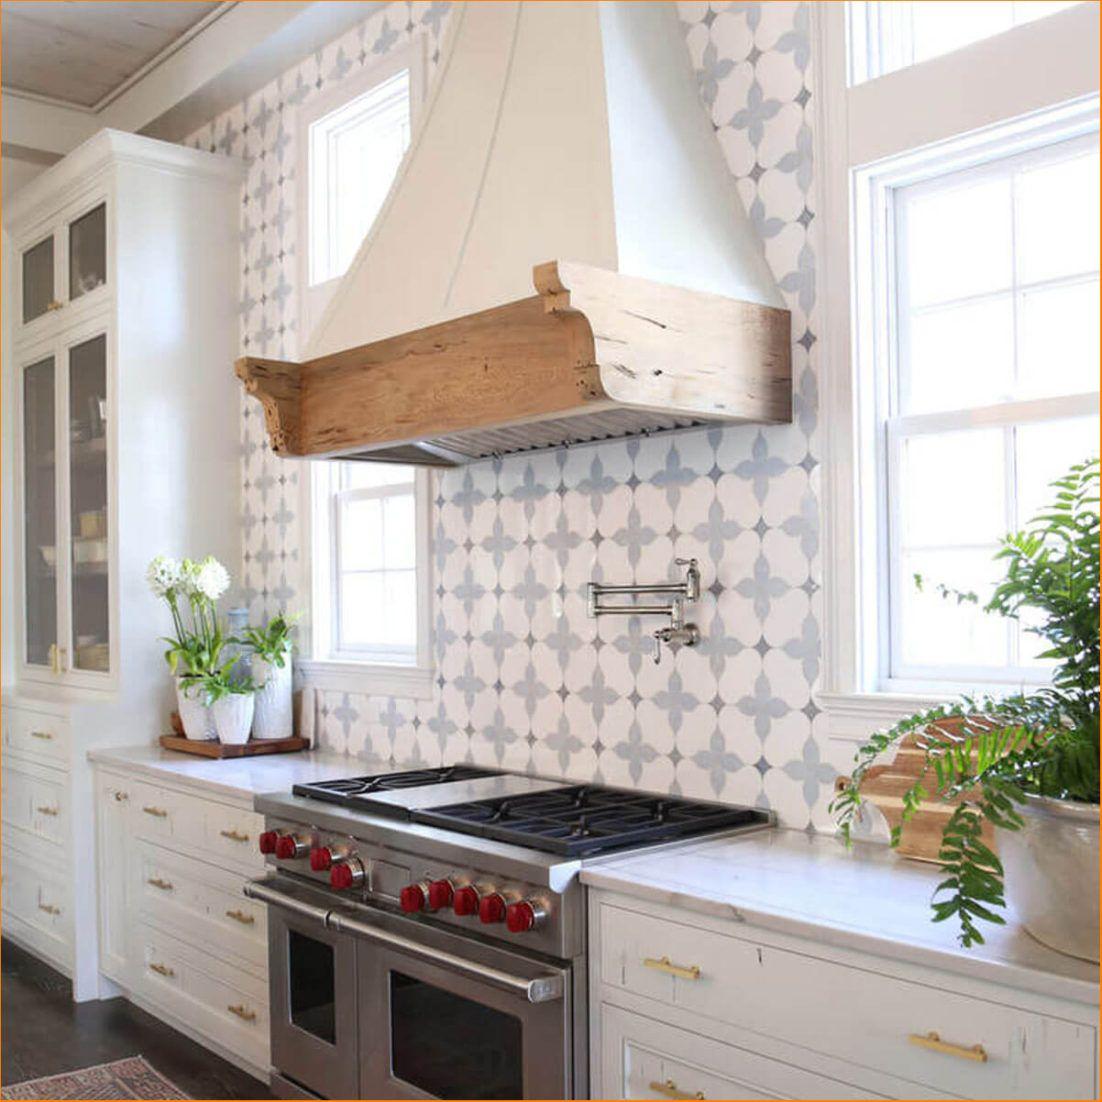 Small Kitchen Backsplash Tile Size Accent Tile Backsplash Ideas 12x24 Tile Kitchen Backs Kitchen Backsplash Designs Kitchen Tiles Backsplash Kitchen Backsplash